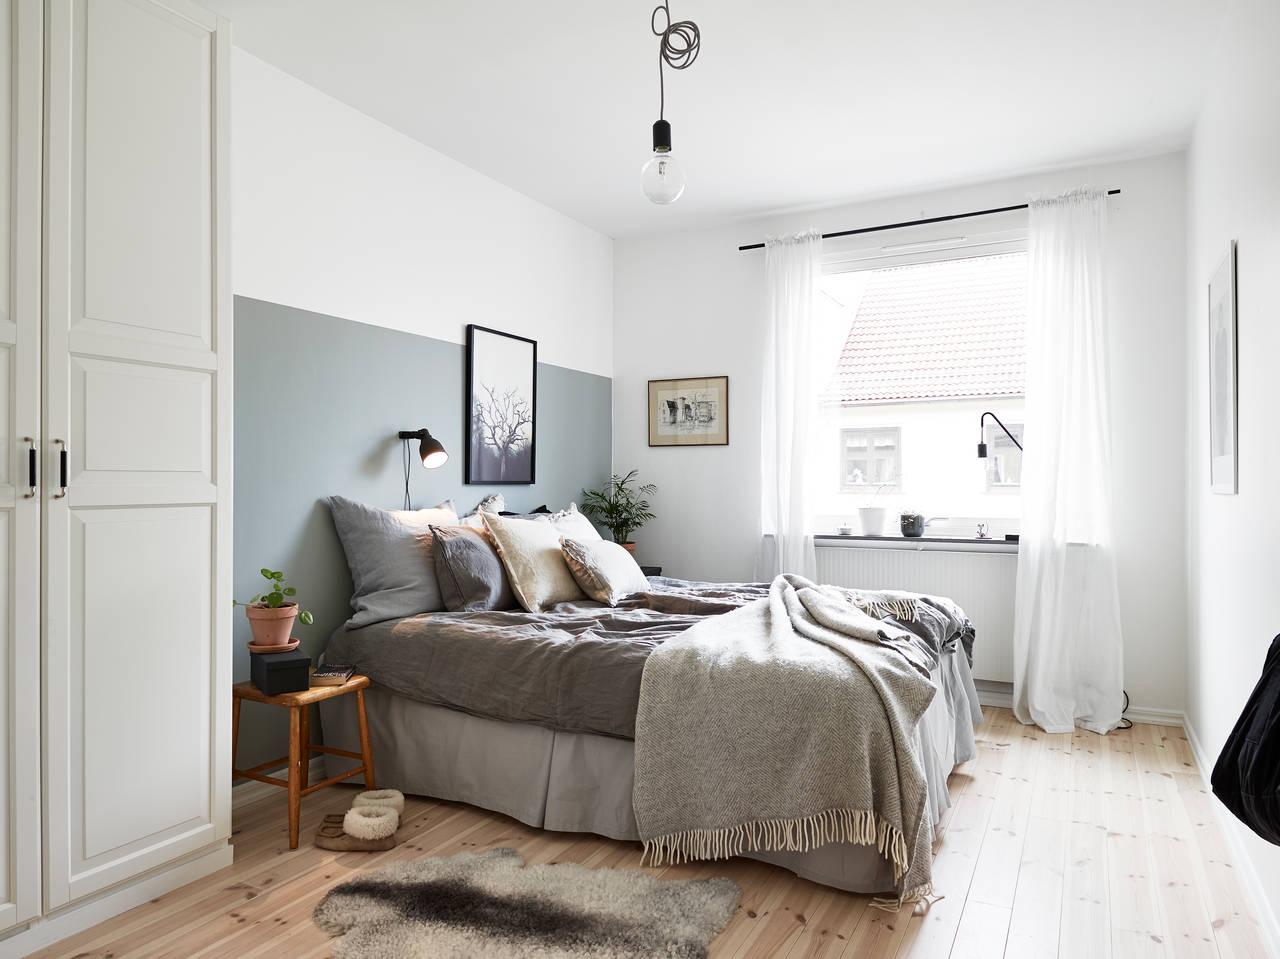 12 ideen die die wohnung gr sser machen sweet home for Wohnung inspiration